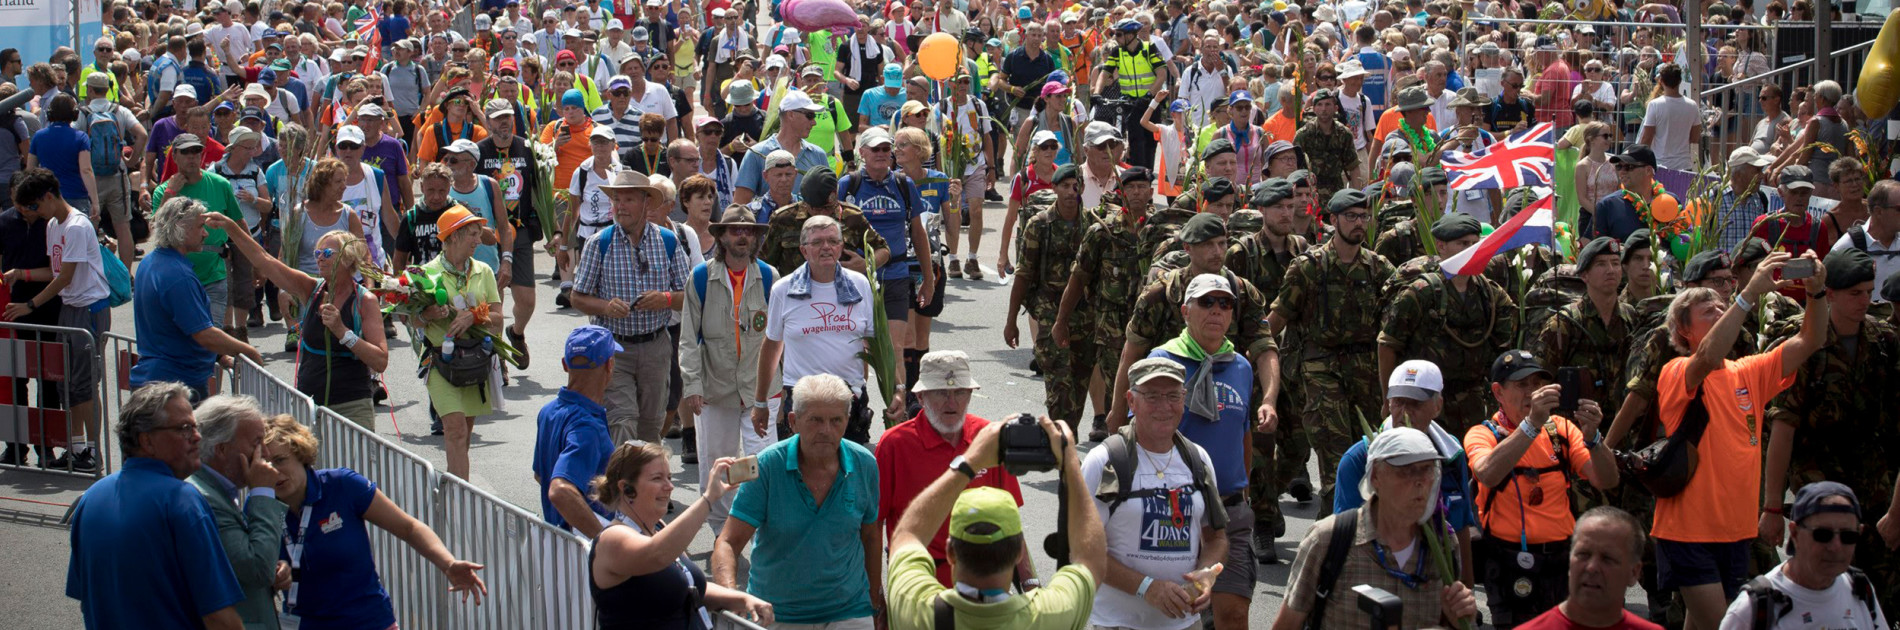 Nijmegen 20-07-2018. vrijdag is de laatste dag van de Vierdaagse. Deelnemers lopen over de Via Gladiola de stad binnen. FOTO: GER LOEFFEN